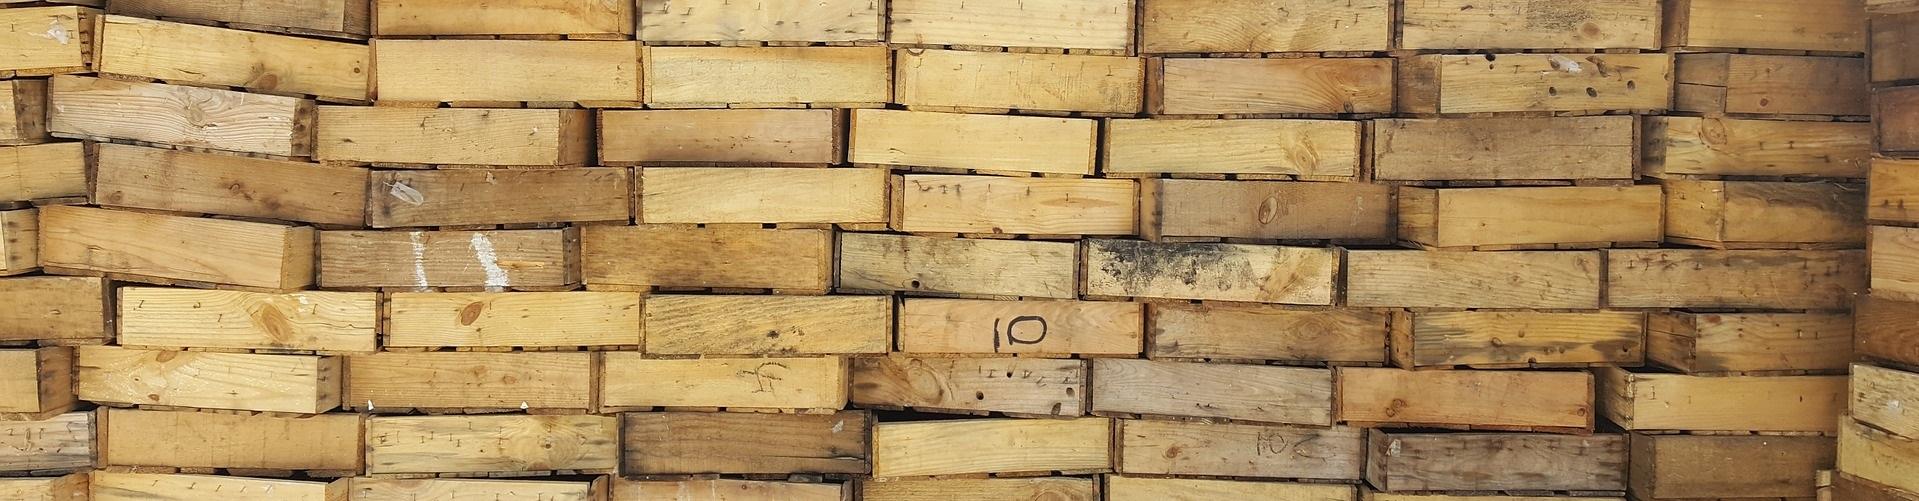 Boxen und Aufbewahrungsmöglichkeiten aus Bambus